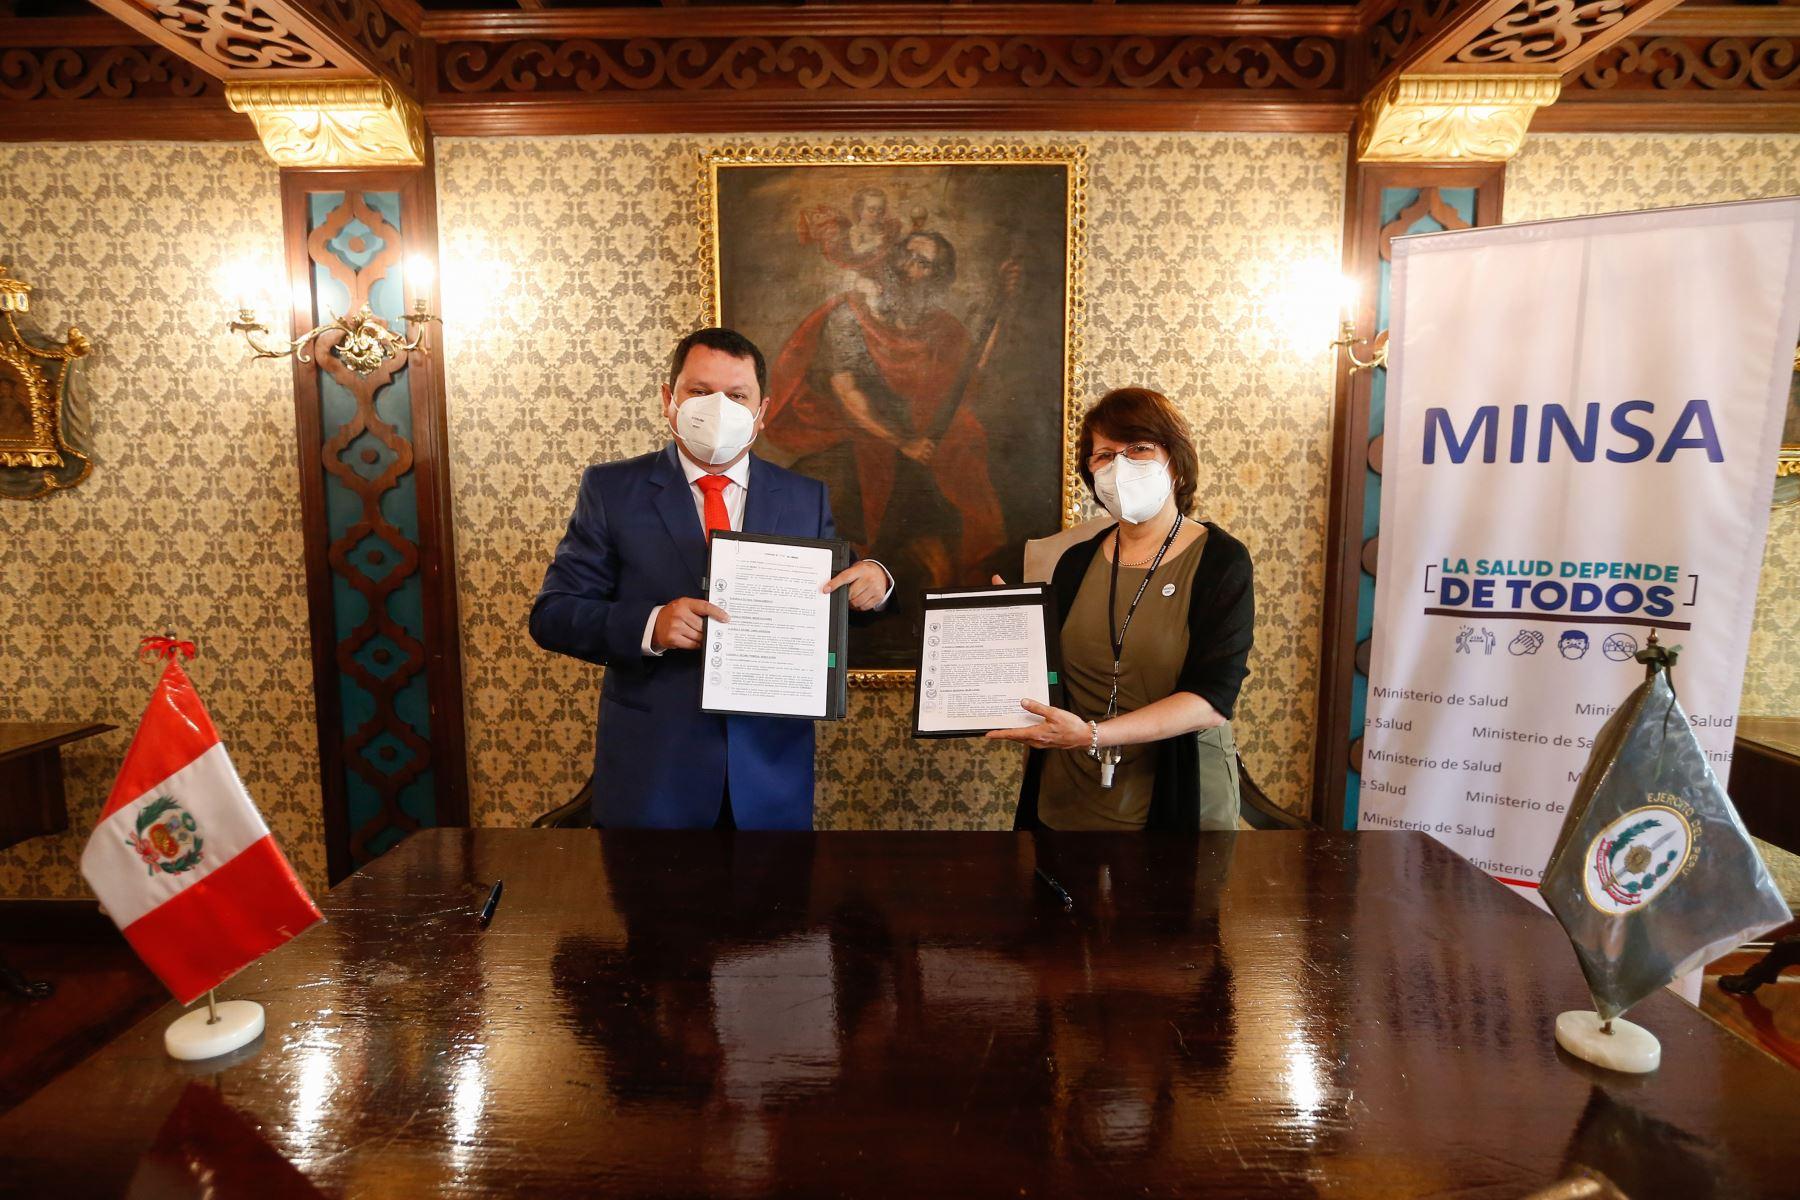 La ministra de Salud, Pilar Mazzetti y el Gobernador Regional de Piura, Servando Correa, suscribieron esta mañana un convenio de colaboración interinstitucional para la ejecución del Hospital de Alta Complejidad en la región norteña, en beneficio de más de cinco millones de personas. ANDINA/Difusión